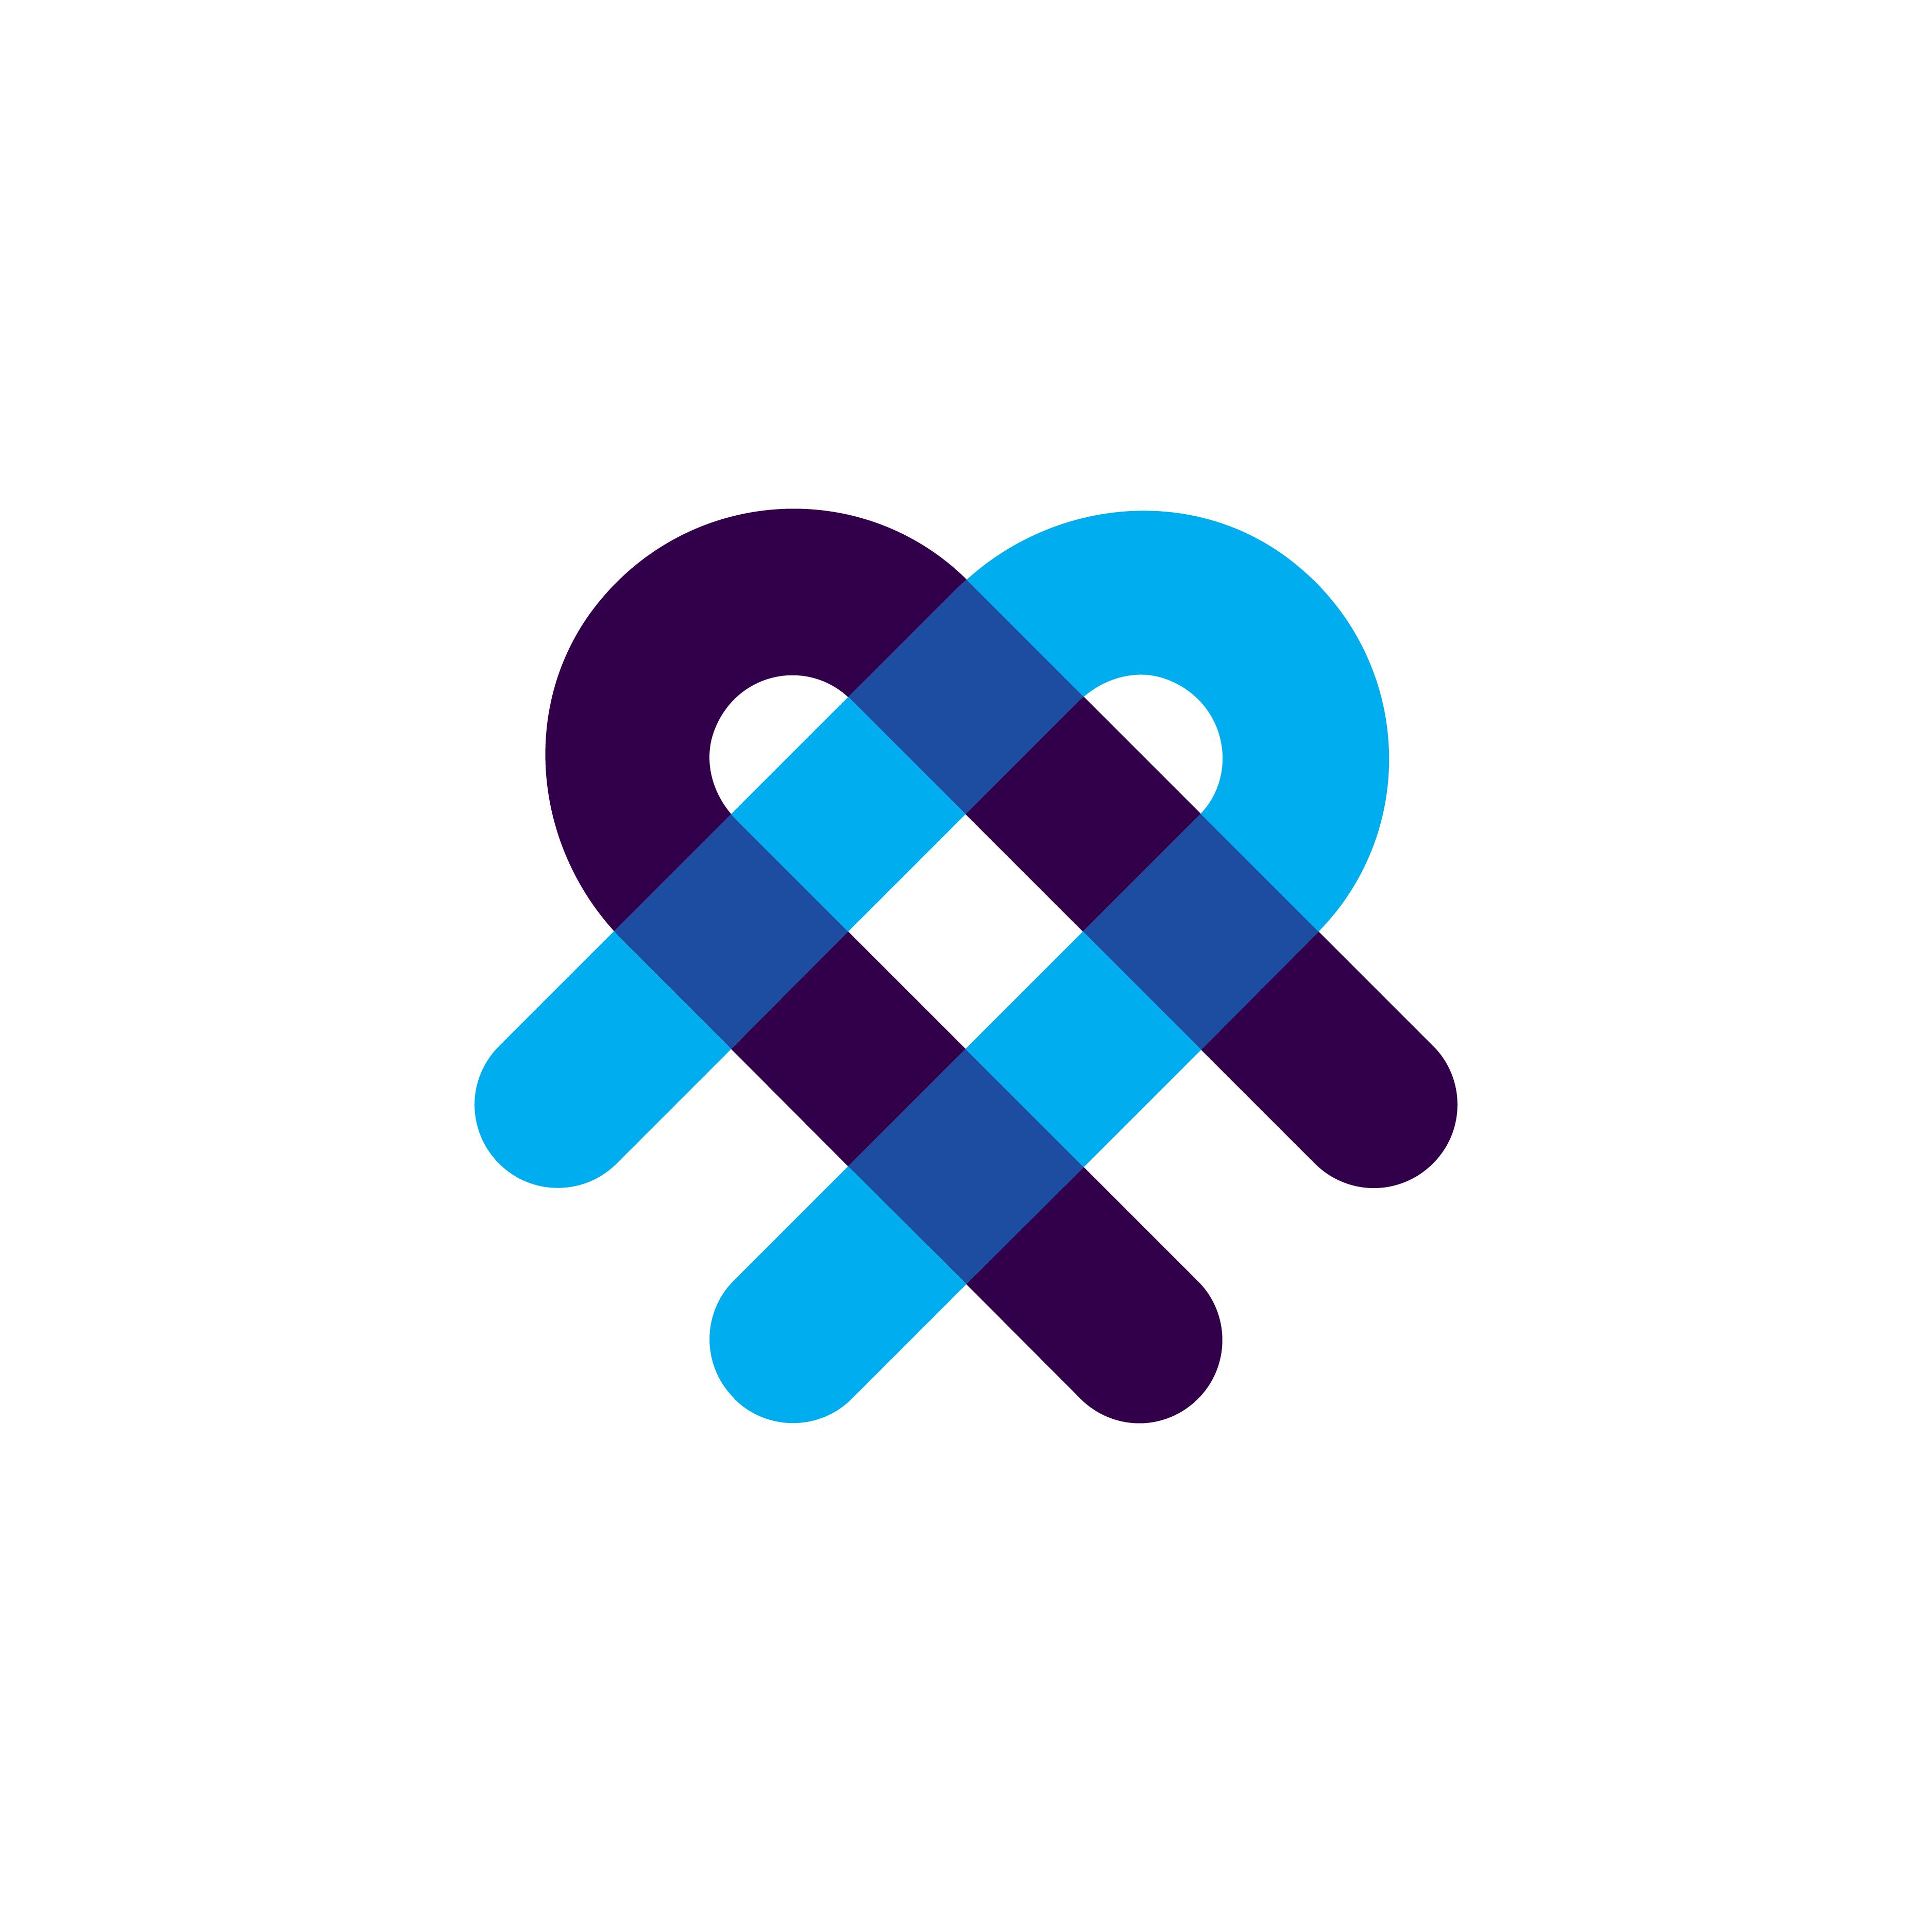 DynamiCath Heart Icon logo design by logo designer Nijaz Muratovic